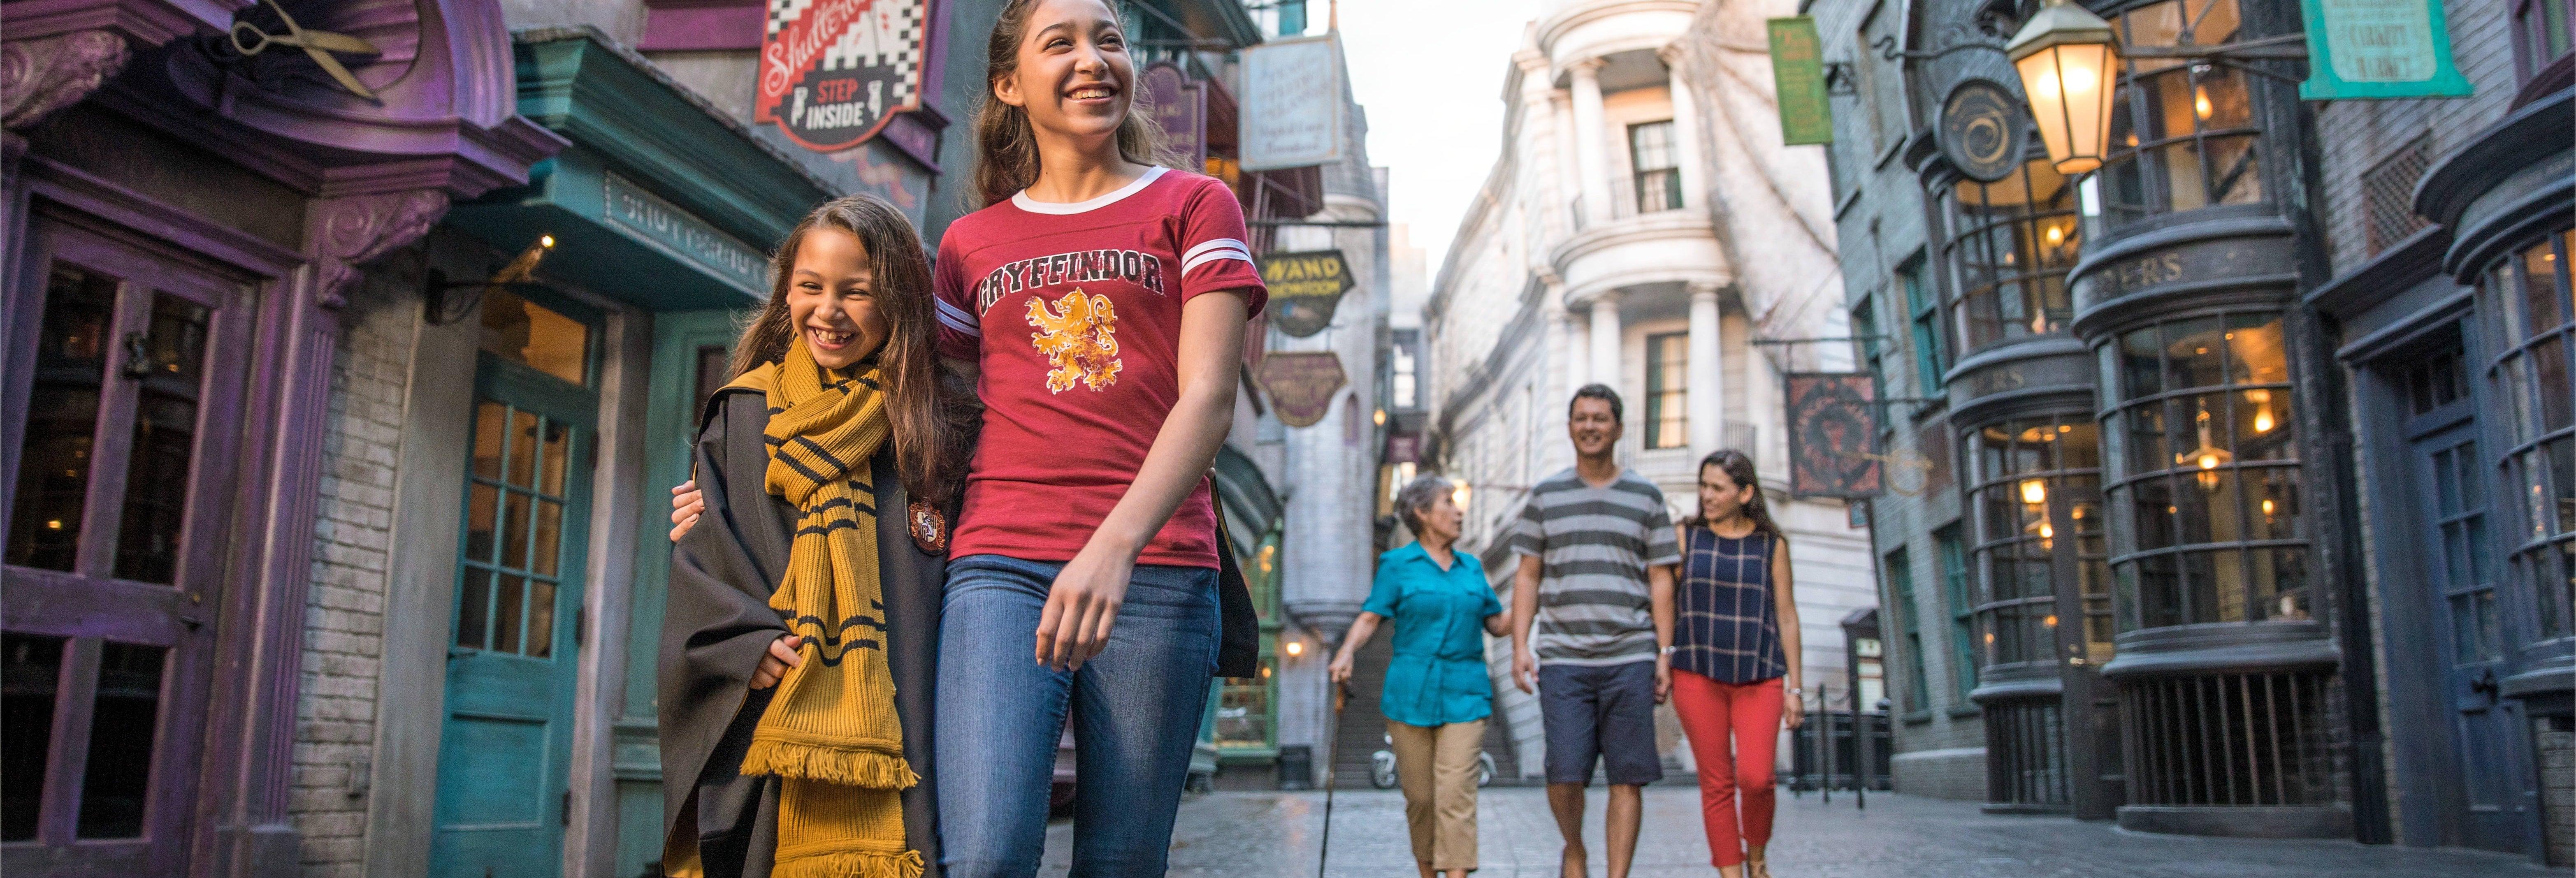 Escursione a Universal Studios Orlando